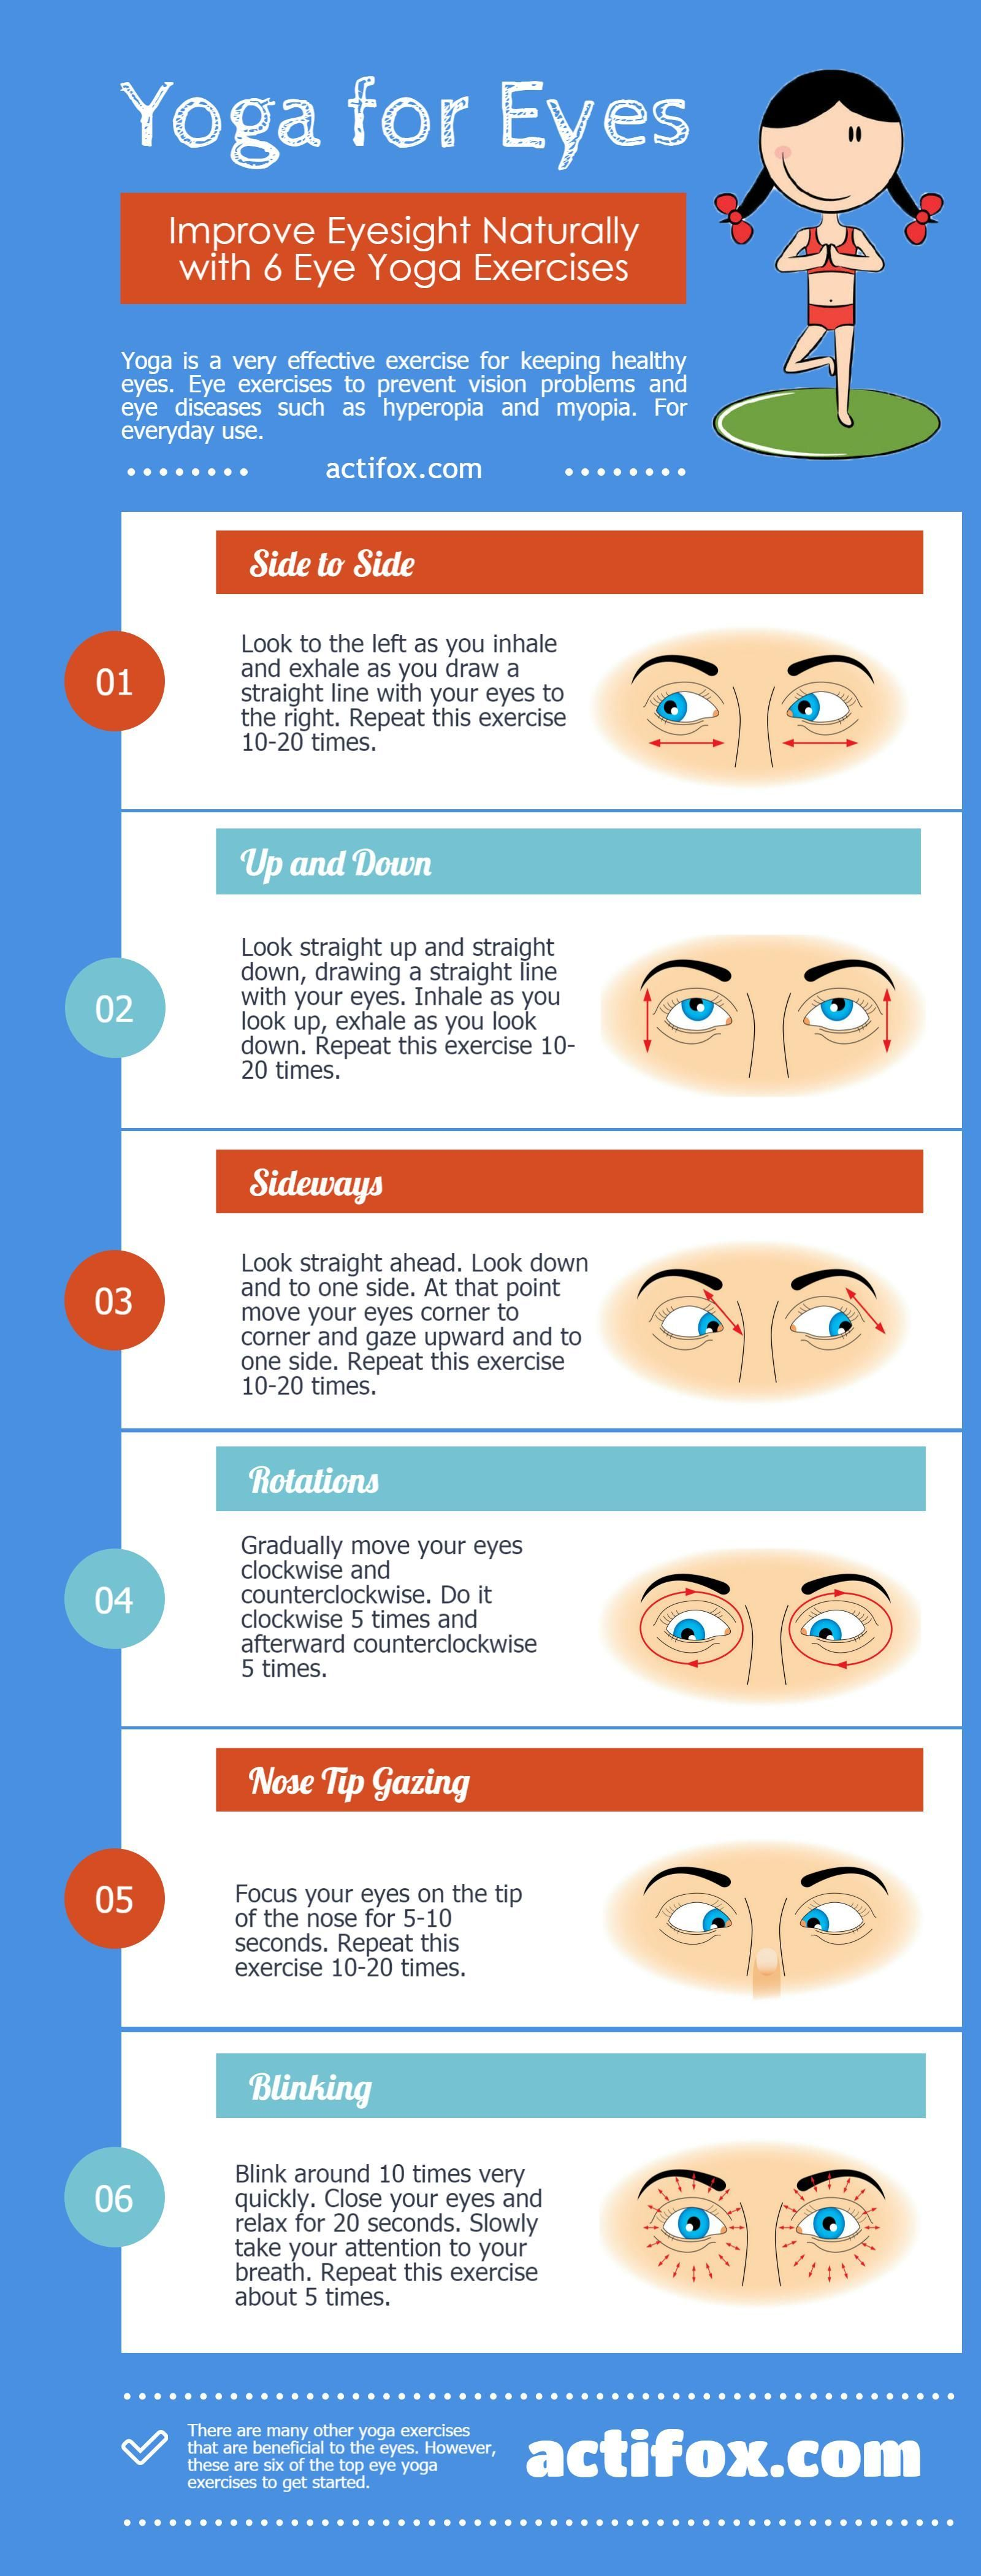 Yoga For Eyes Top 6 Exercises To Improve Eyesight